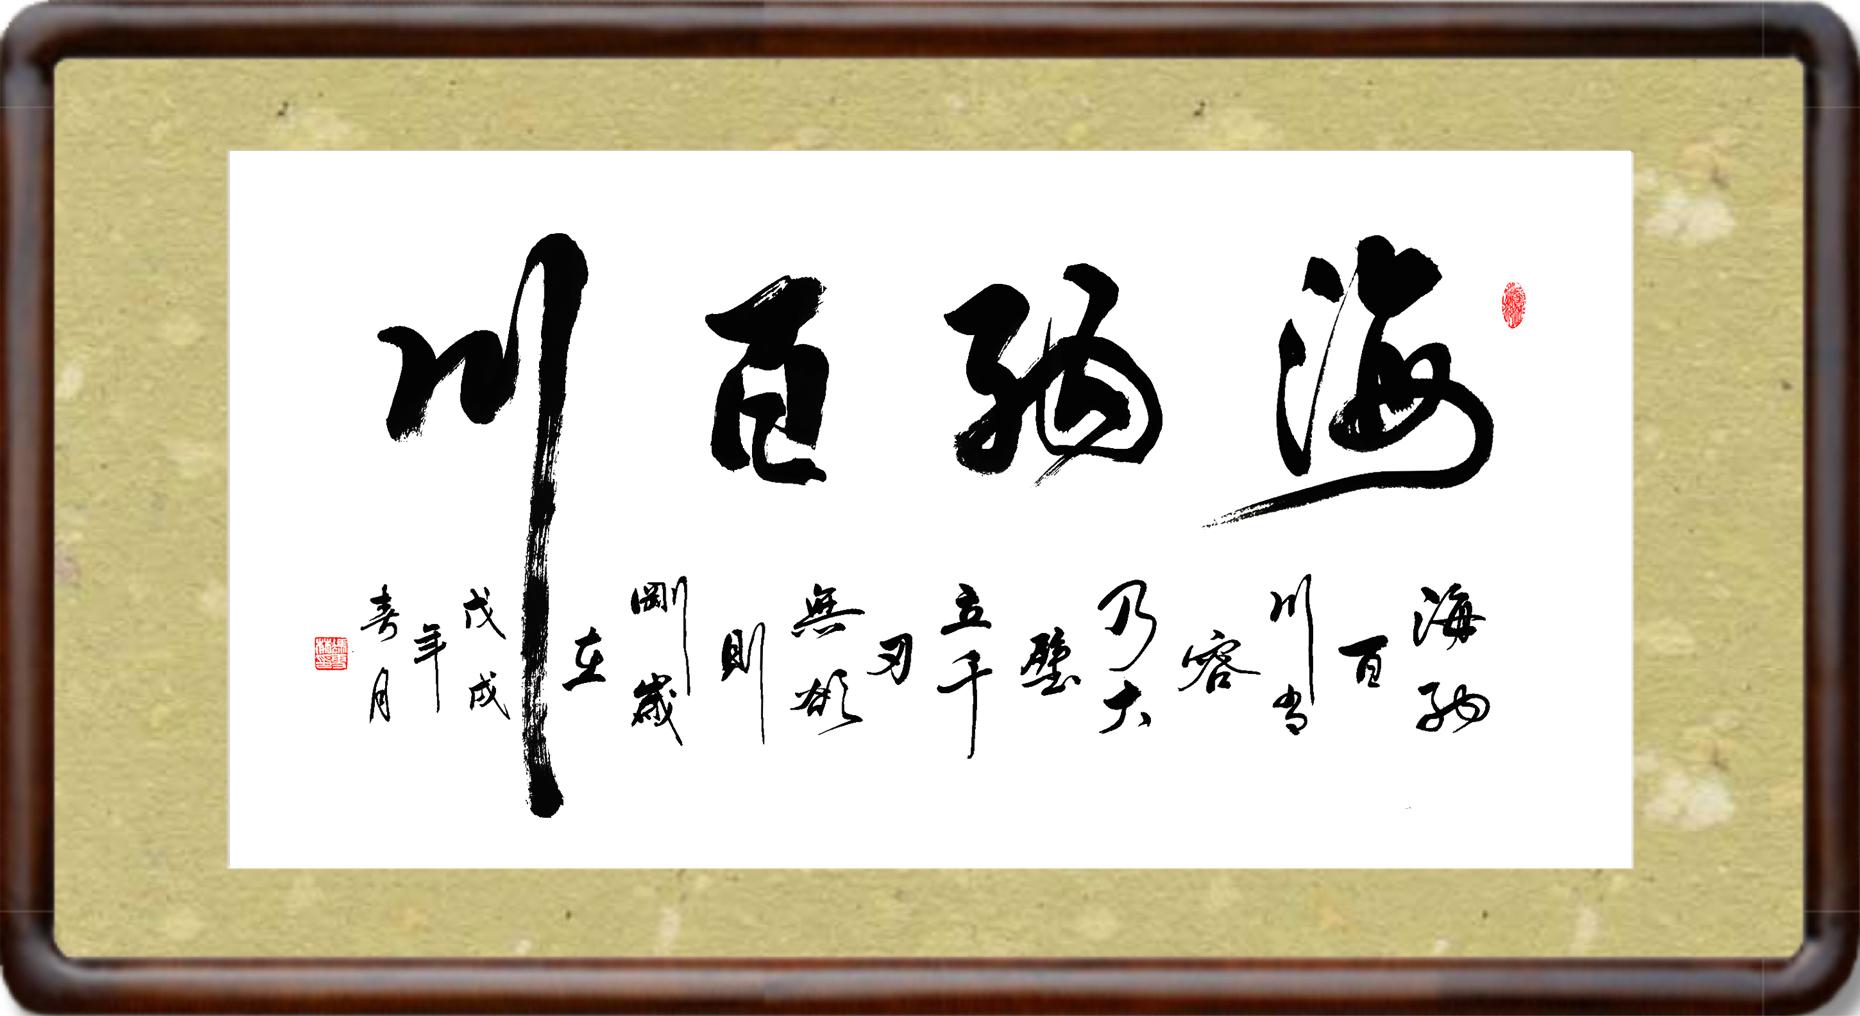 海纳百川四字书法图片、海纳百川有容乃大壁立千仞无欲则刚书法欣赏